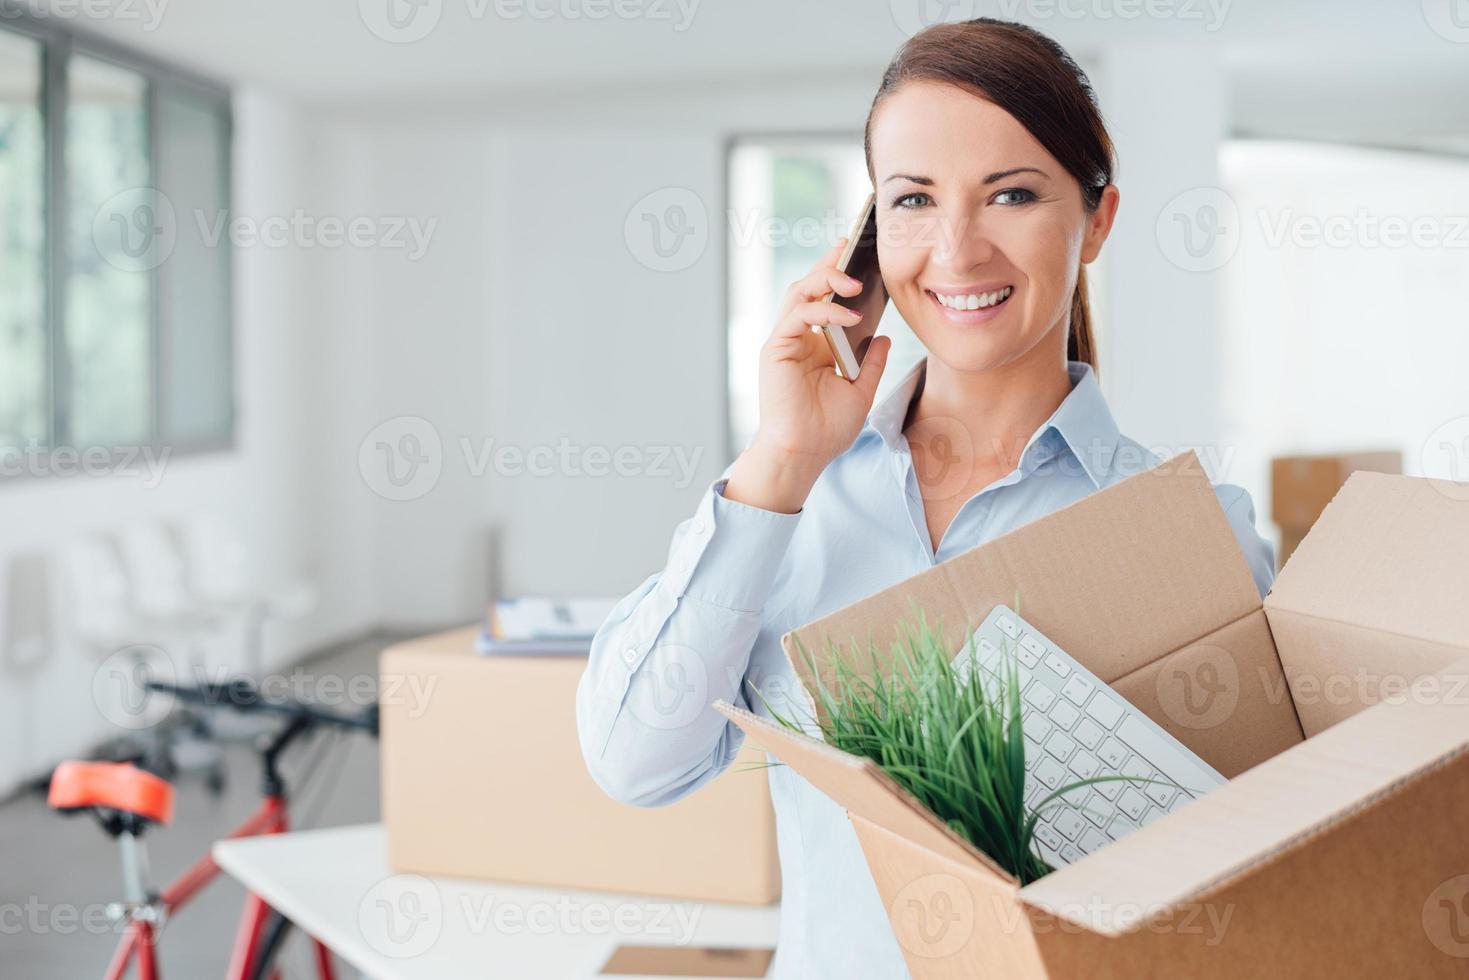 mooie vrouw aan de telefoon met een open doos foto